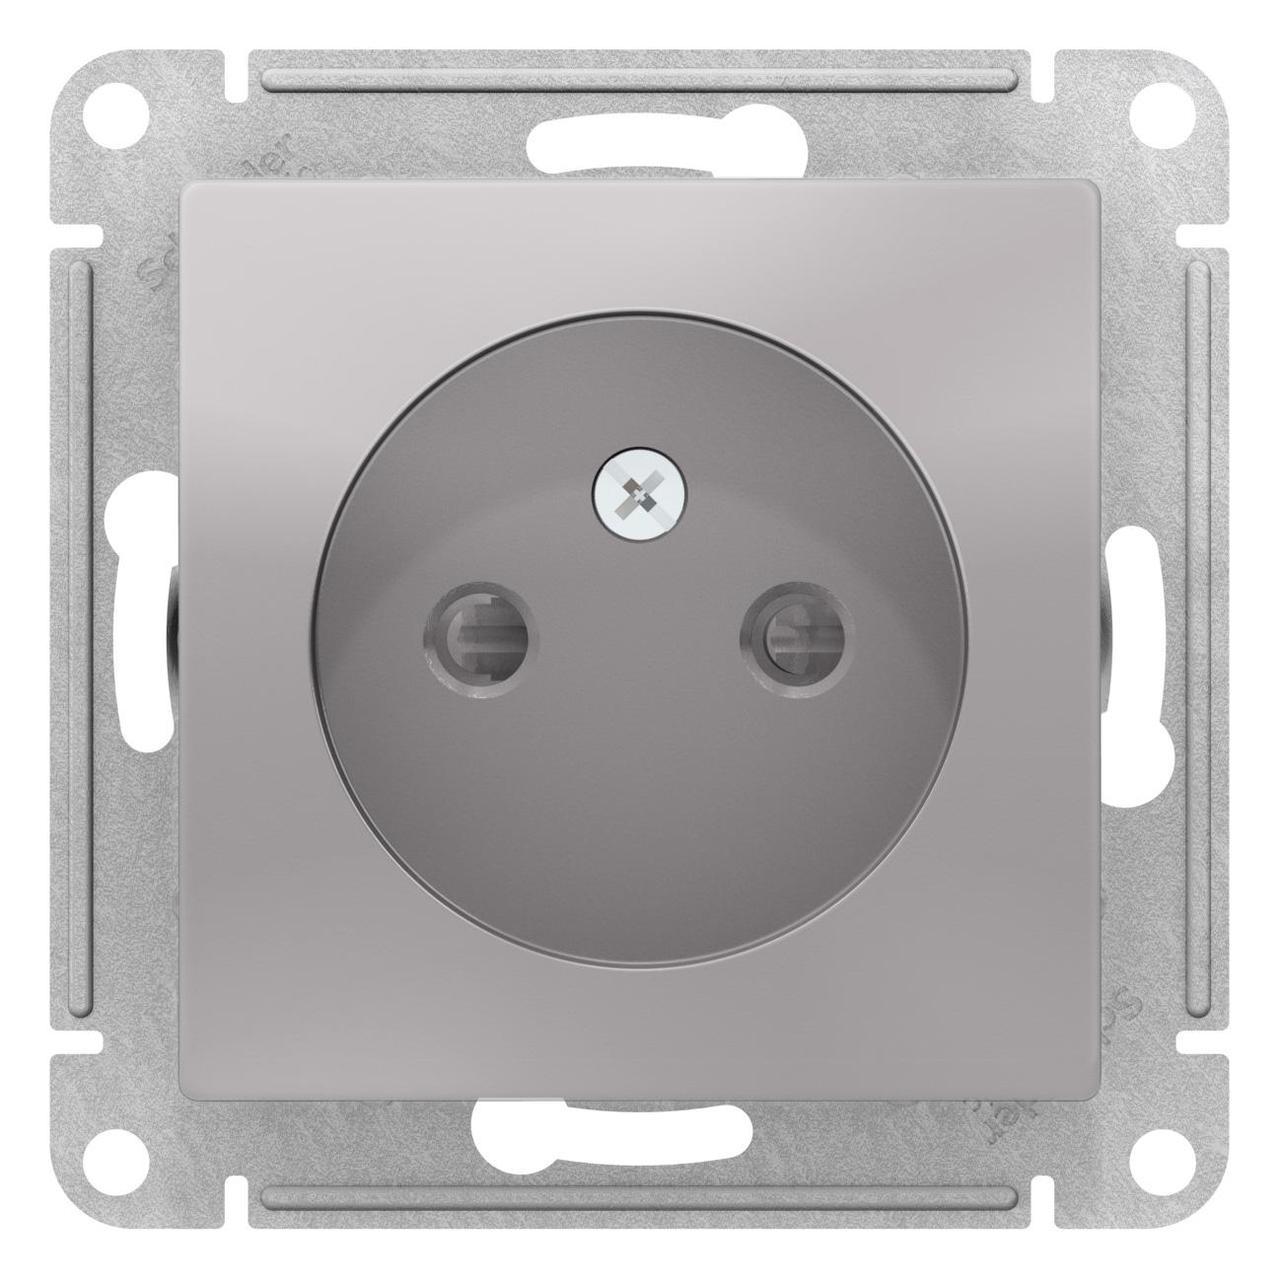 Розетка 1-ая электрическая без заземления с защитными шторками , Алюминий, серия Atlas Design, Schneider Electric